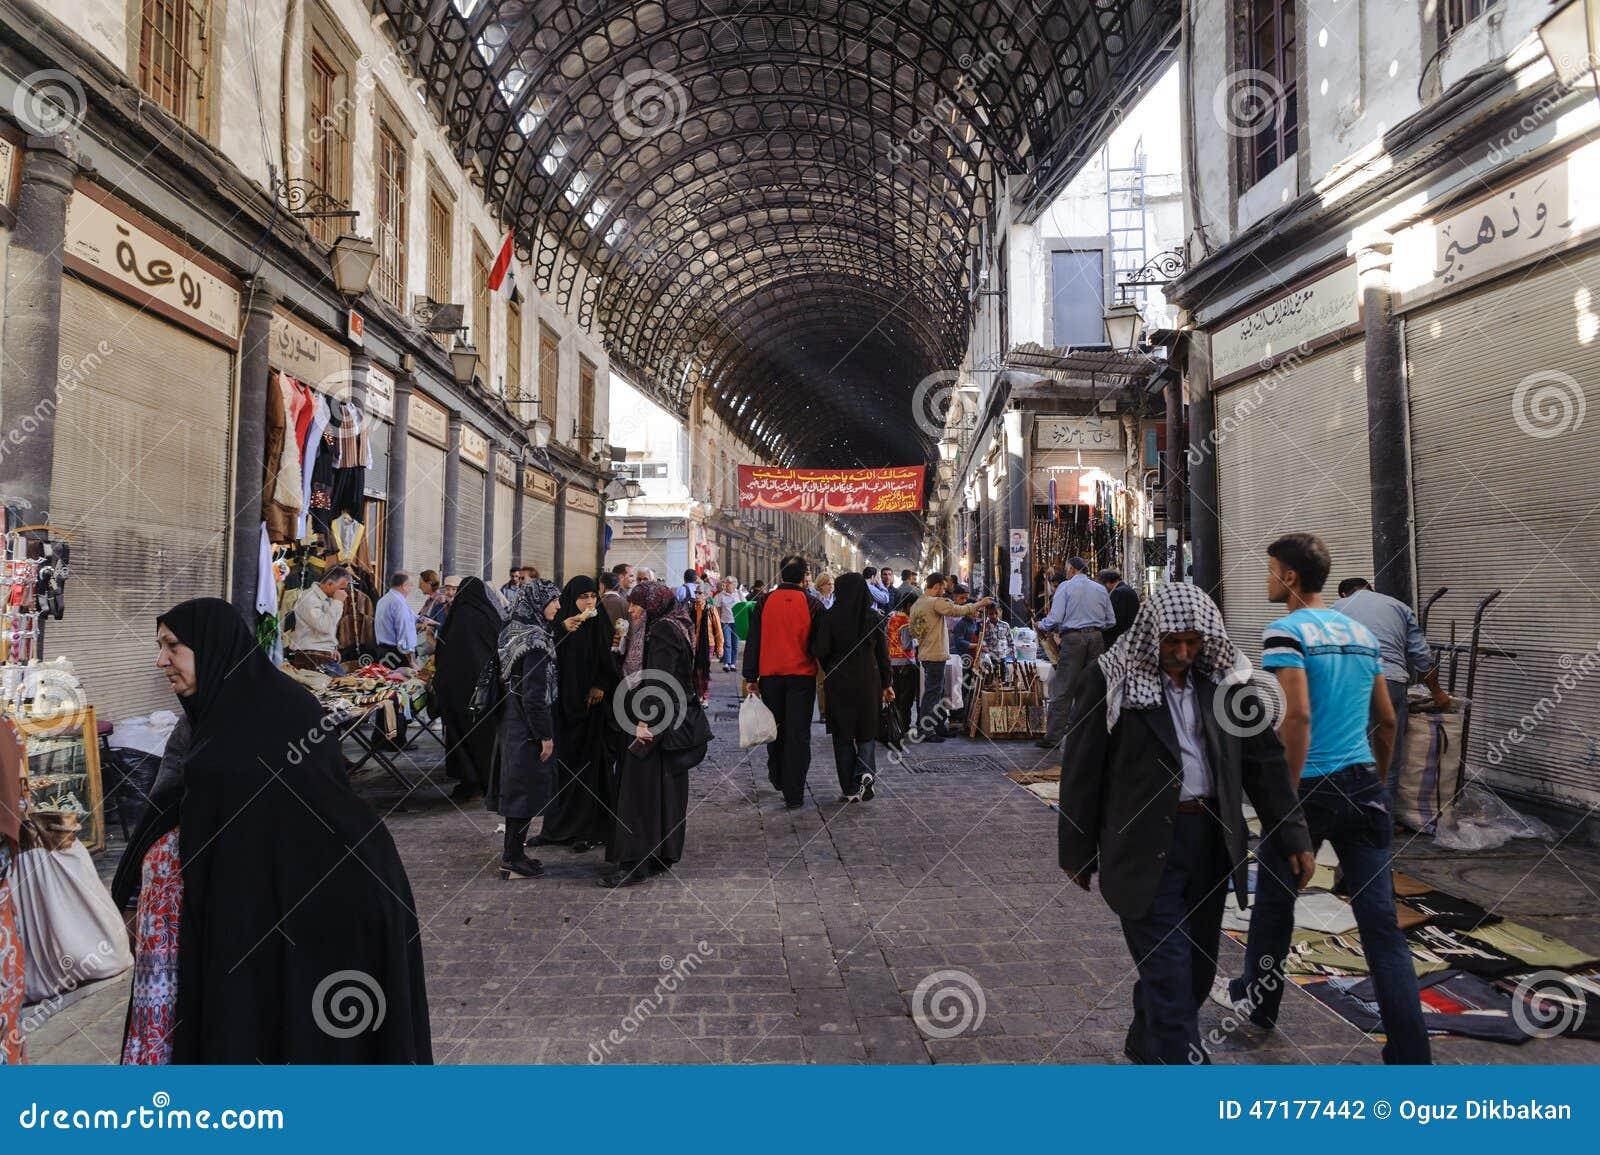 DAMAS, SYRIE - 16 NOVEMBRE 2012 : Jour ordinaire à Al-Hamidiyah Souq dans la vieille ville de Damas Le bazar est le plus grand so